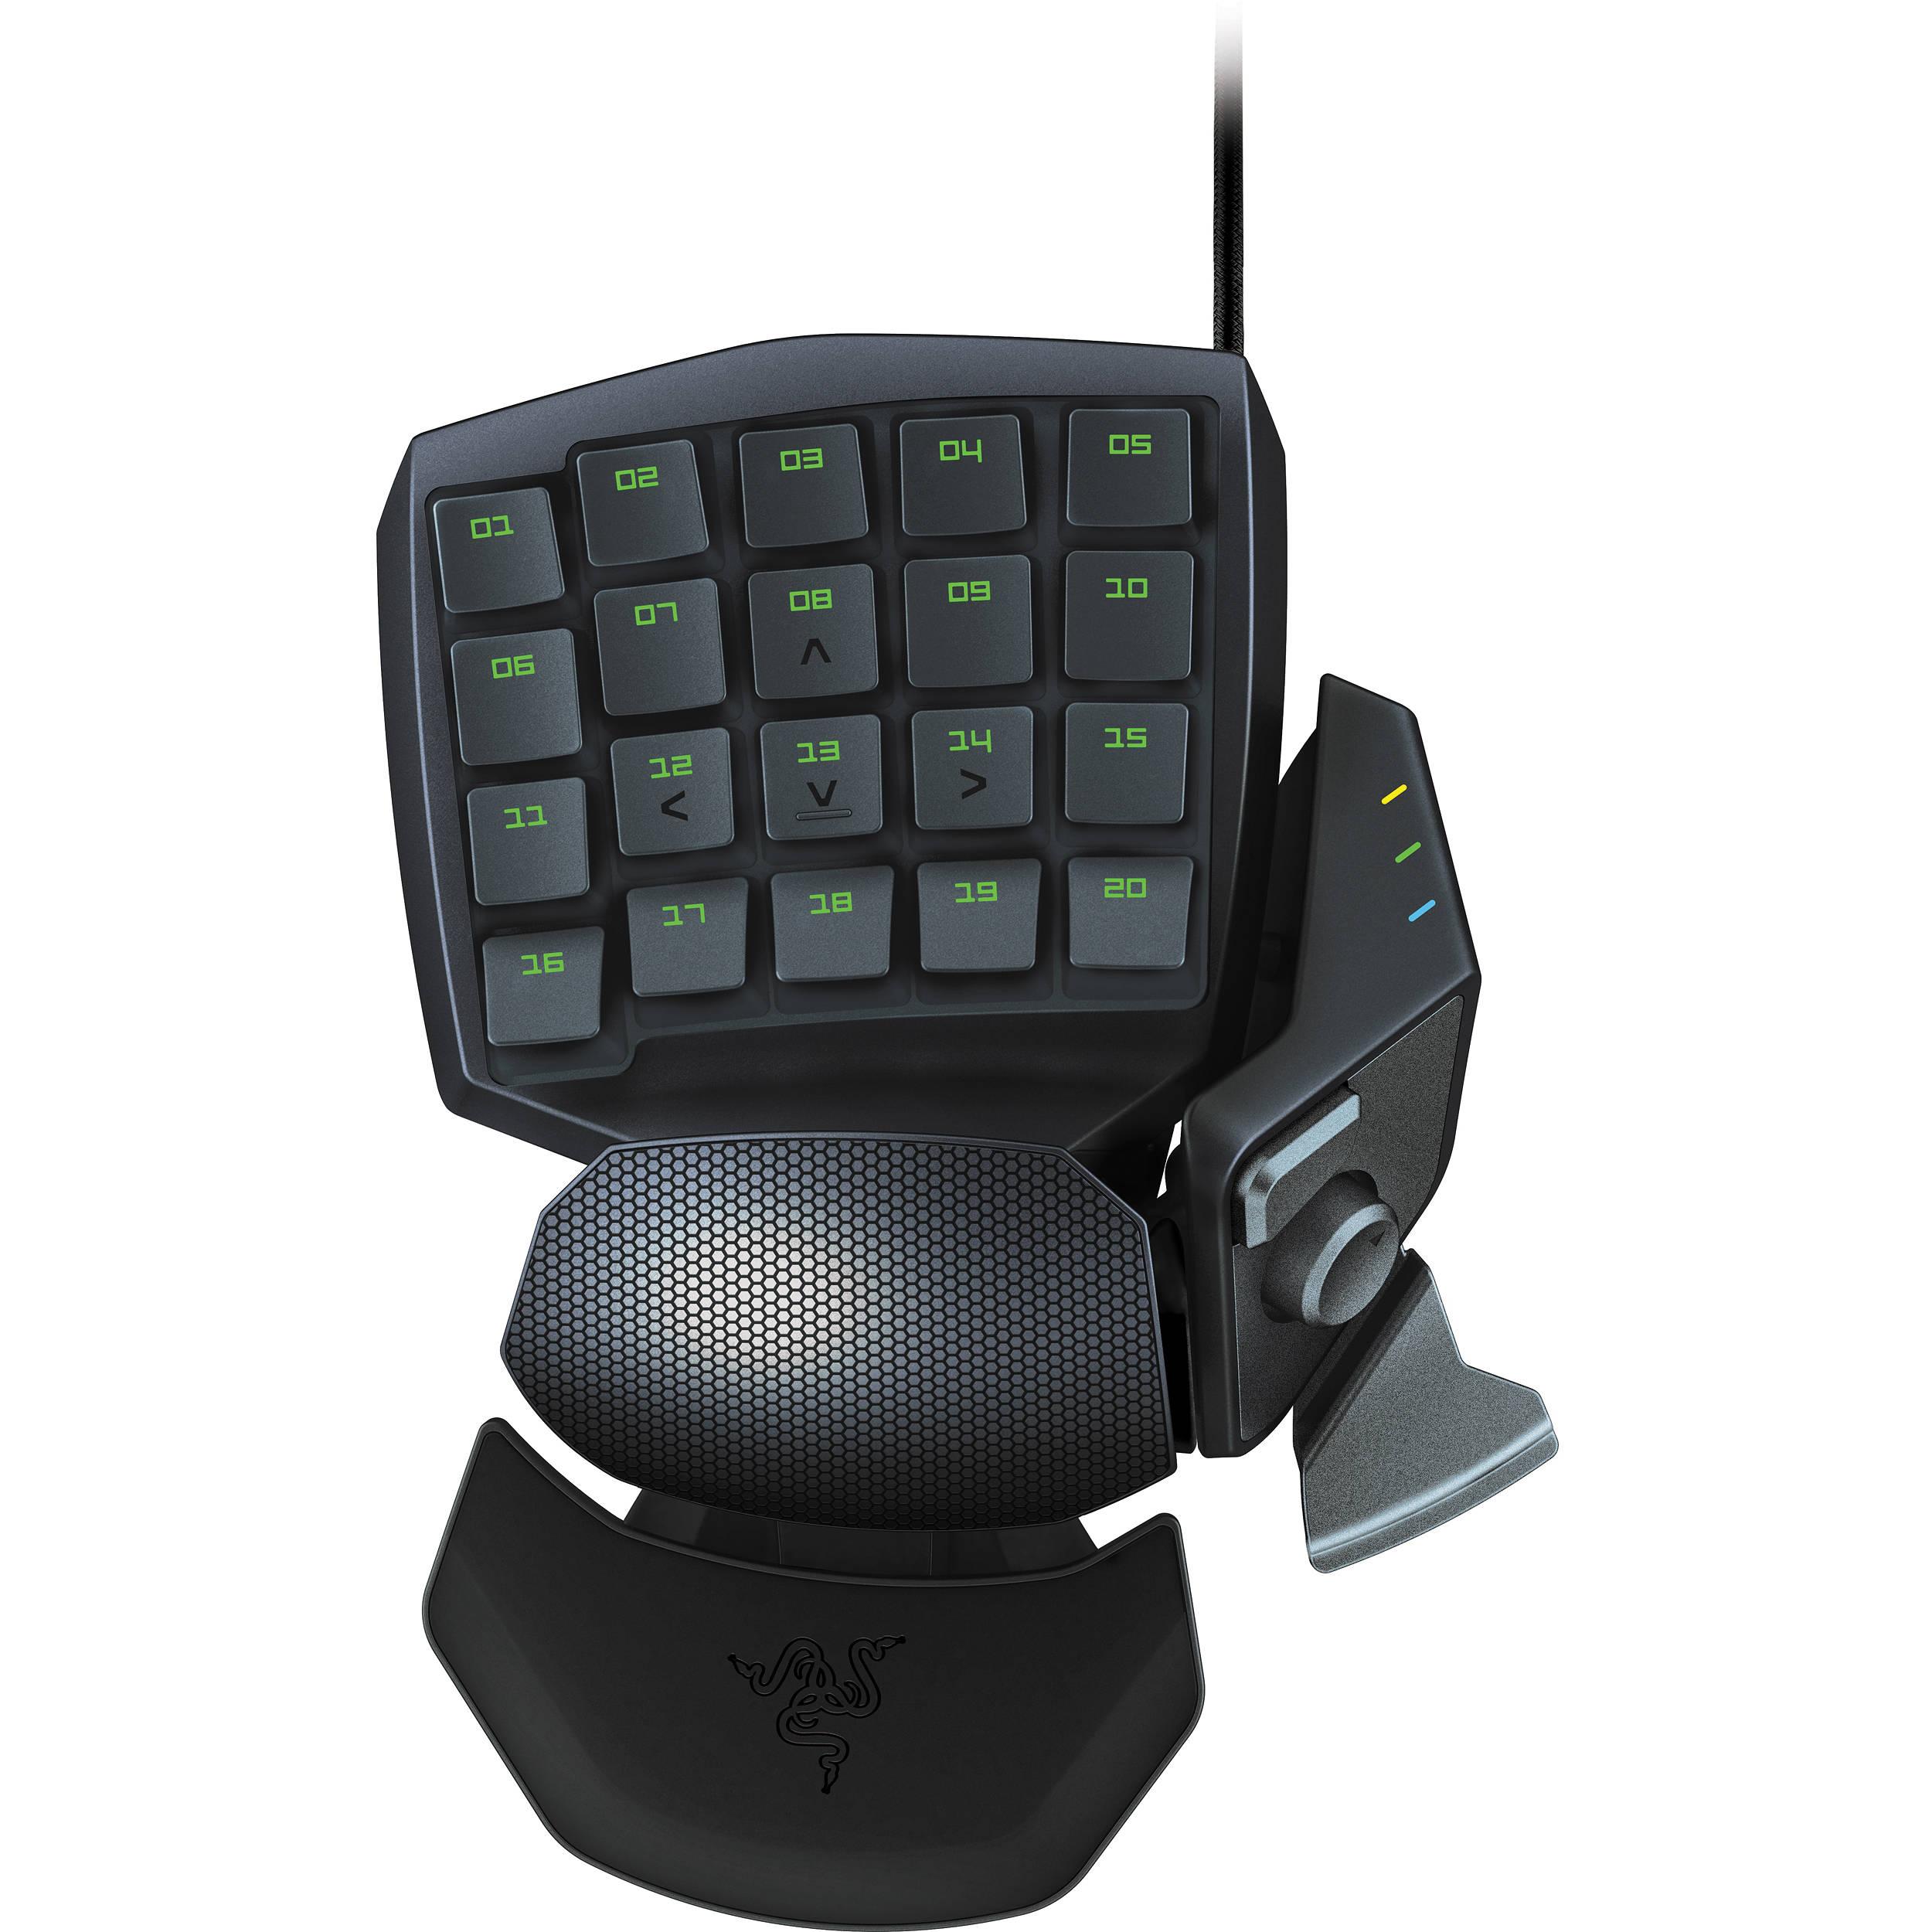 Razer Orbweaver Gaming Keypad